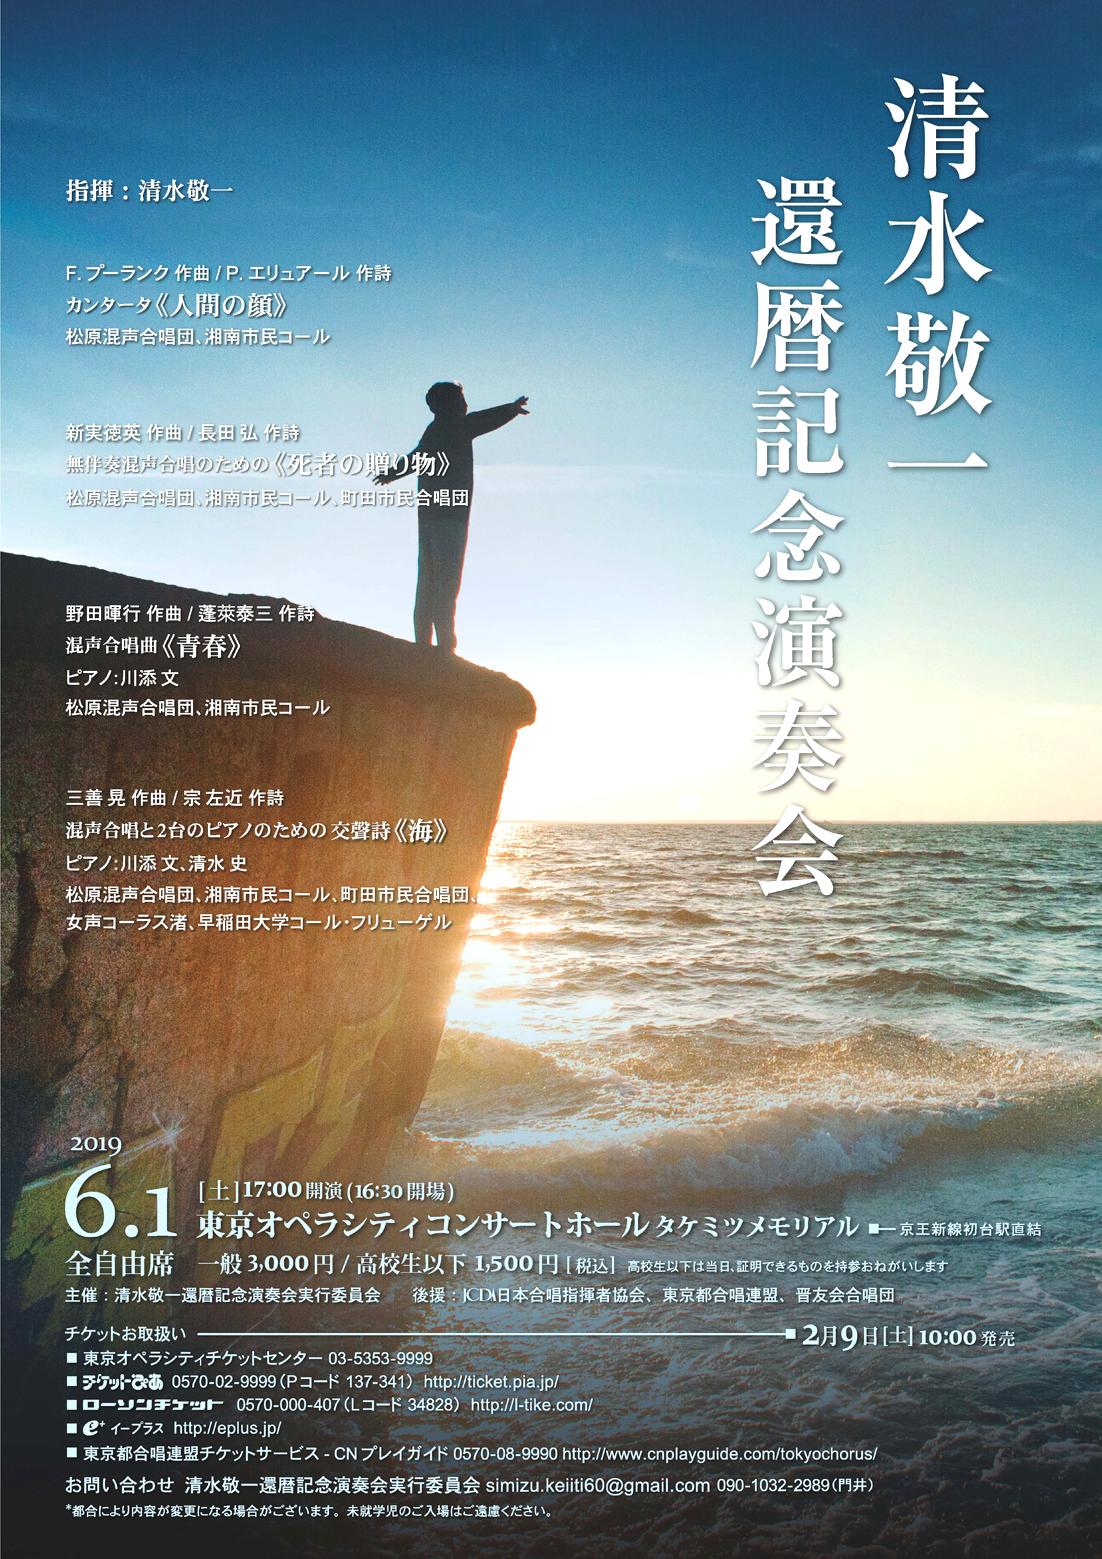 清水敬一還暦記念演奏会<br>2019.6.1 東京オペラシティ